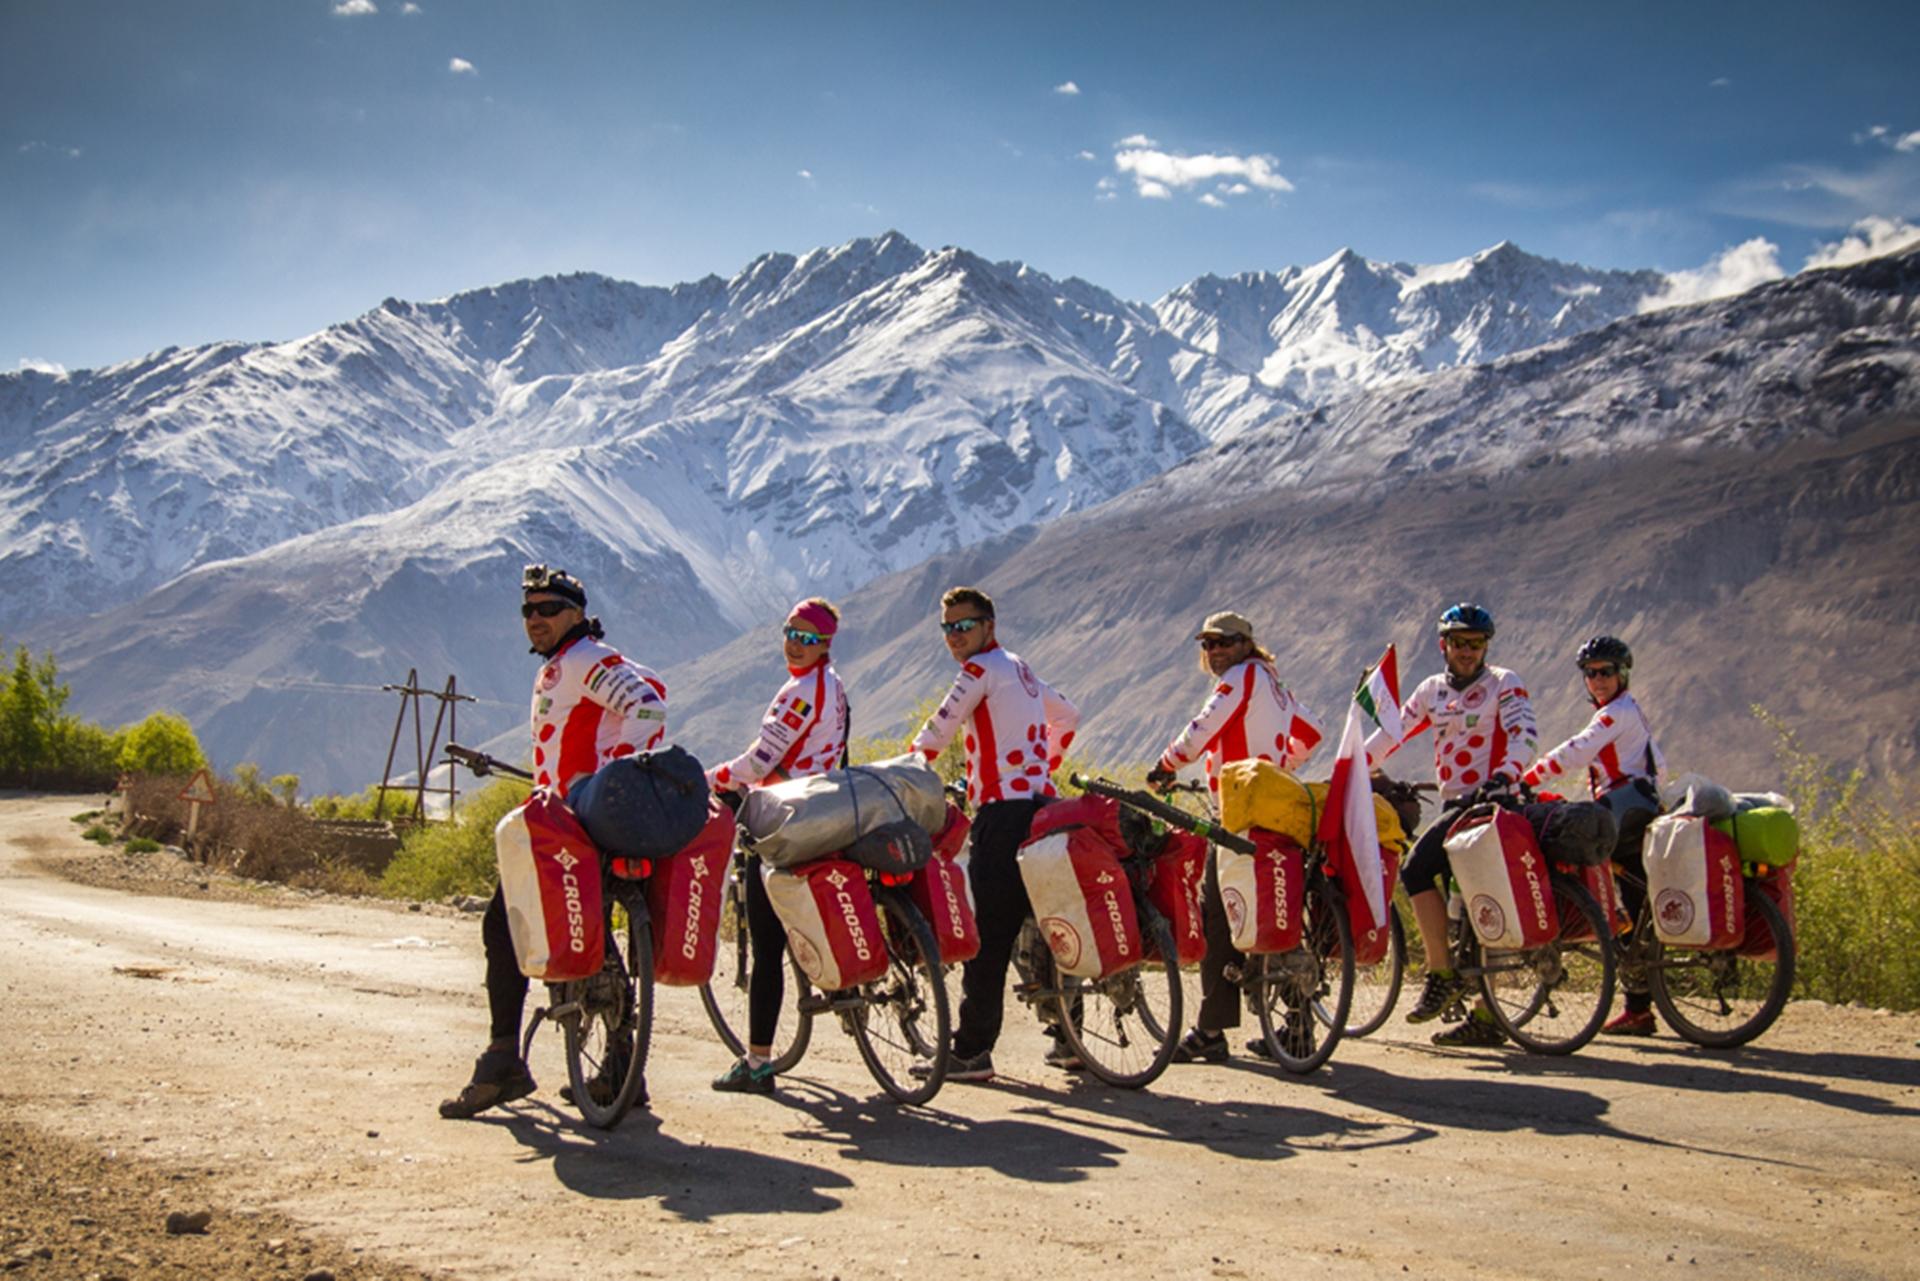 Rowerzyści na szlaku. Foto: Urszula Ziober